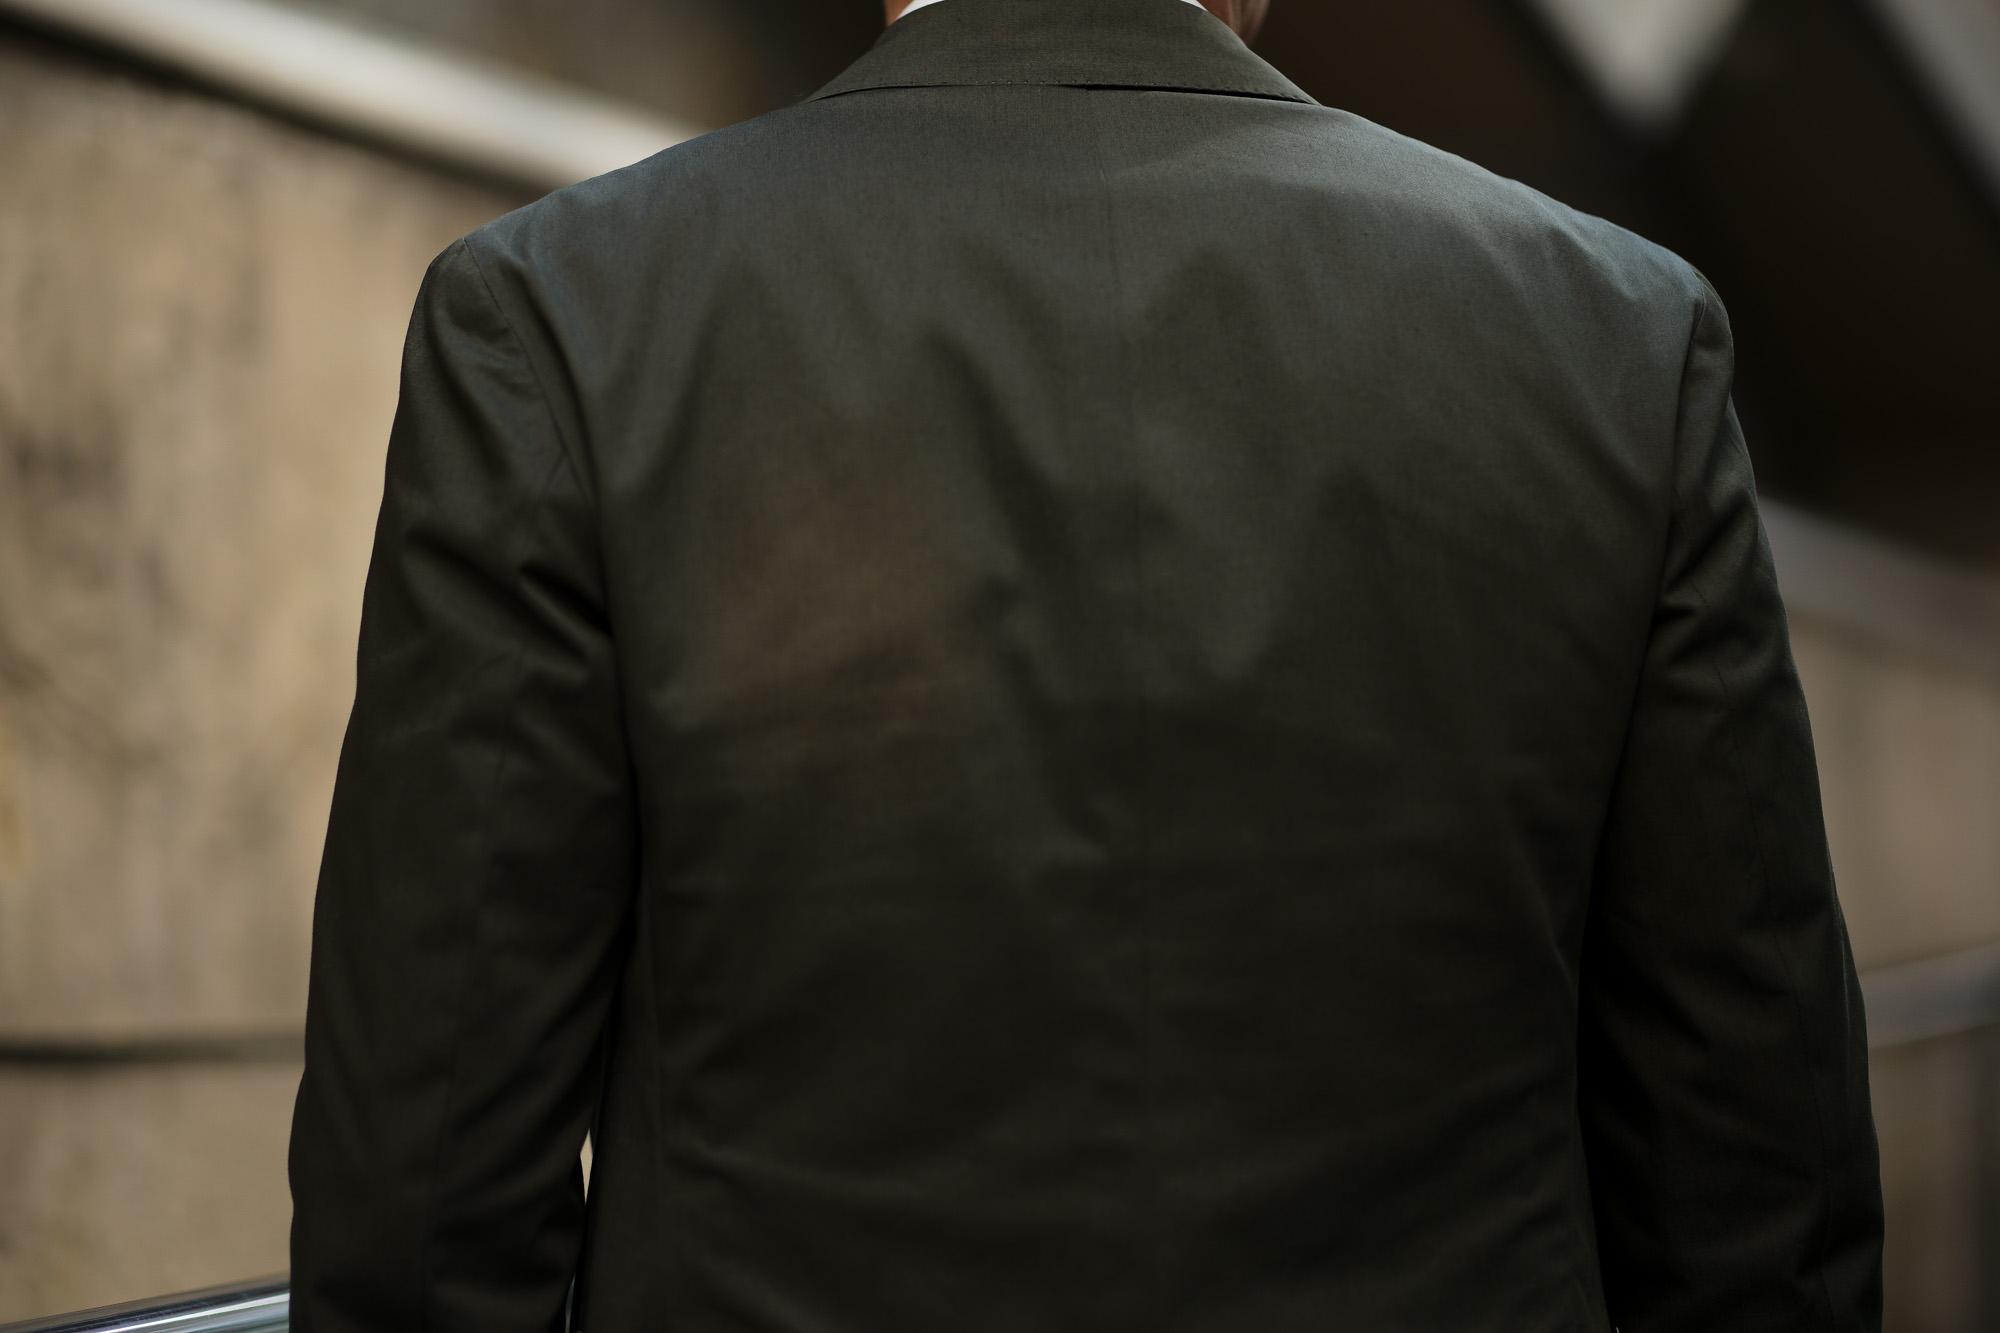 De Petrillo (デ ペトリロ) NAPOLI Posillipo (ナポリ ポジリポ) ストレッチコットン スーツ OLIVE (オリーブ・467) Made in italy (イタリア製) 2019 春夏新作 depetrillo デペトリロ 愛知 名古屋 altoediritto アルトエデリット